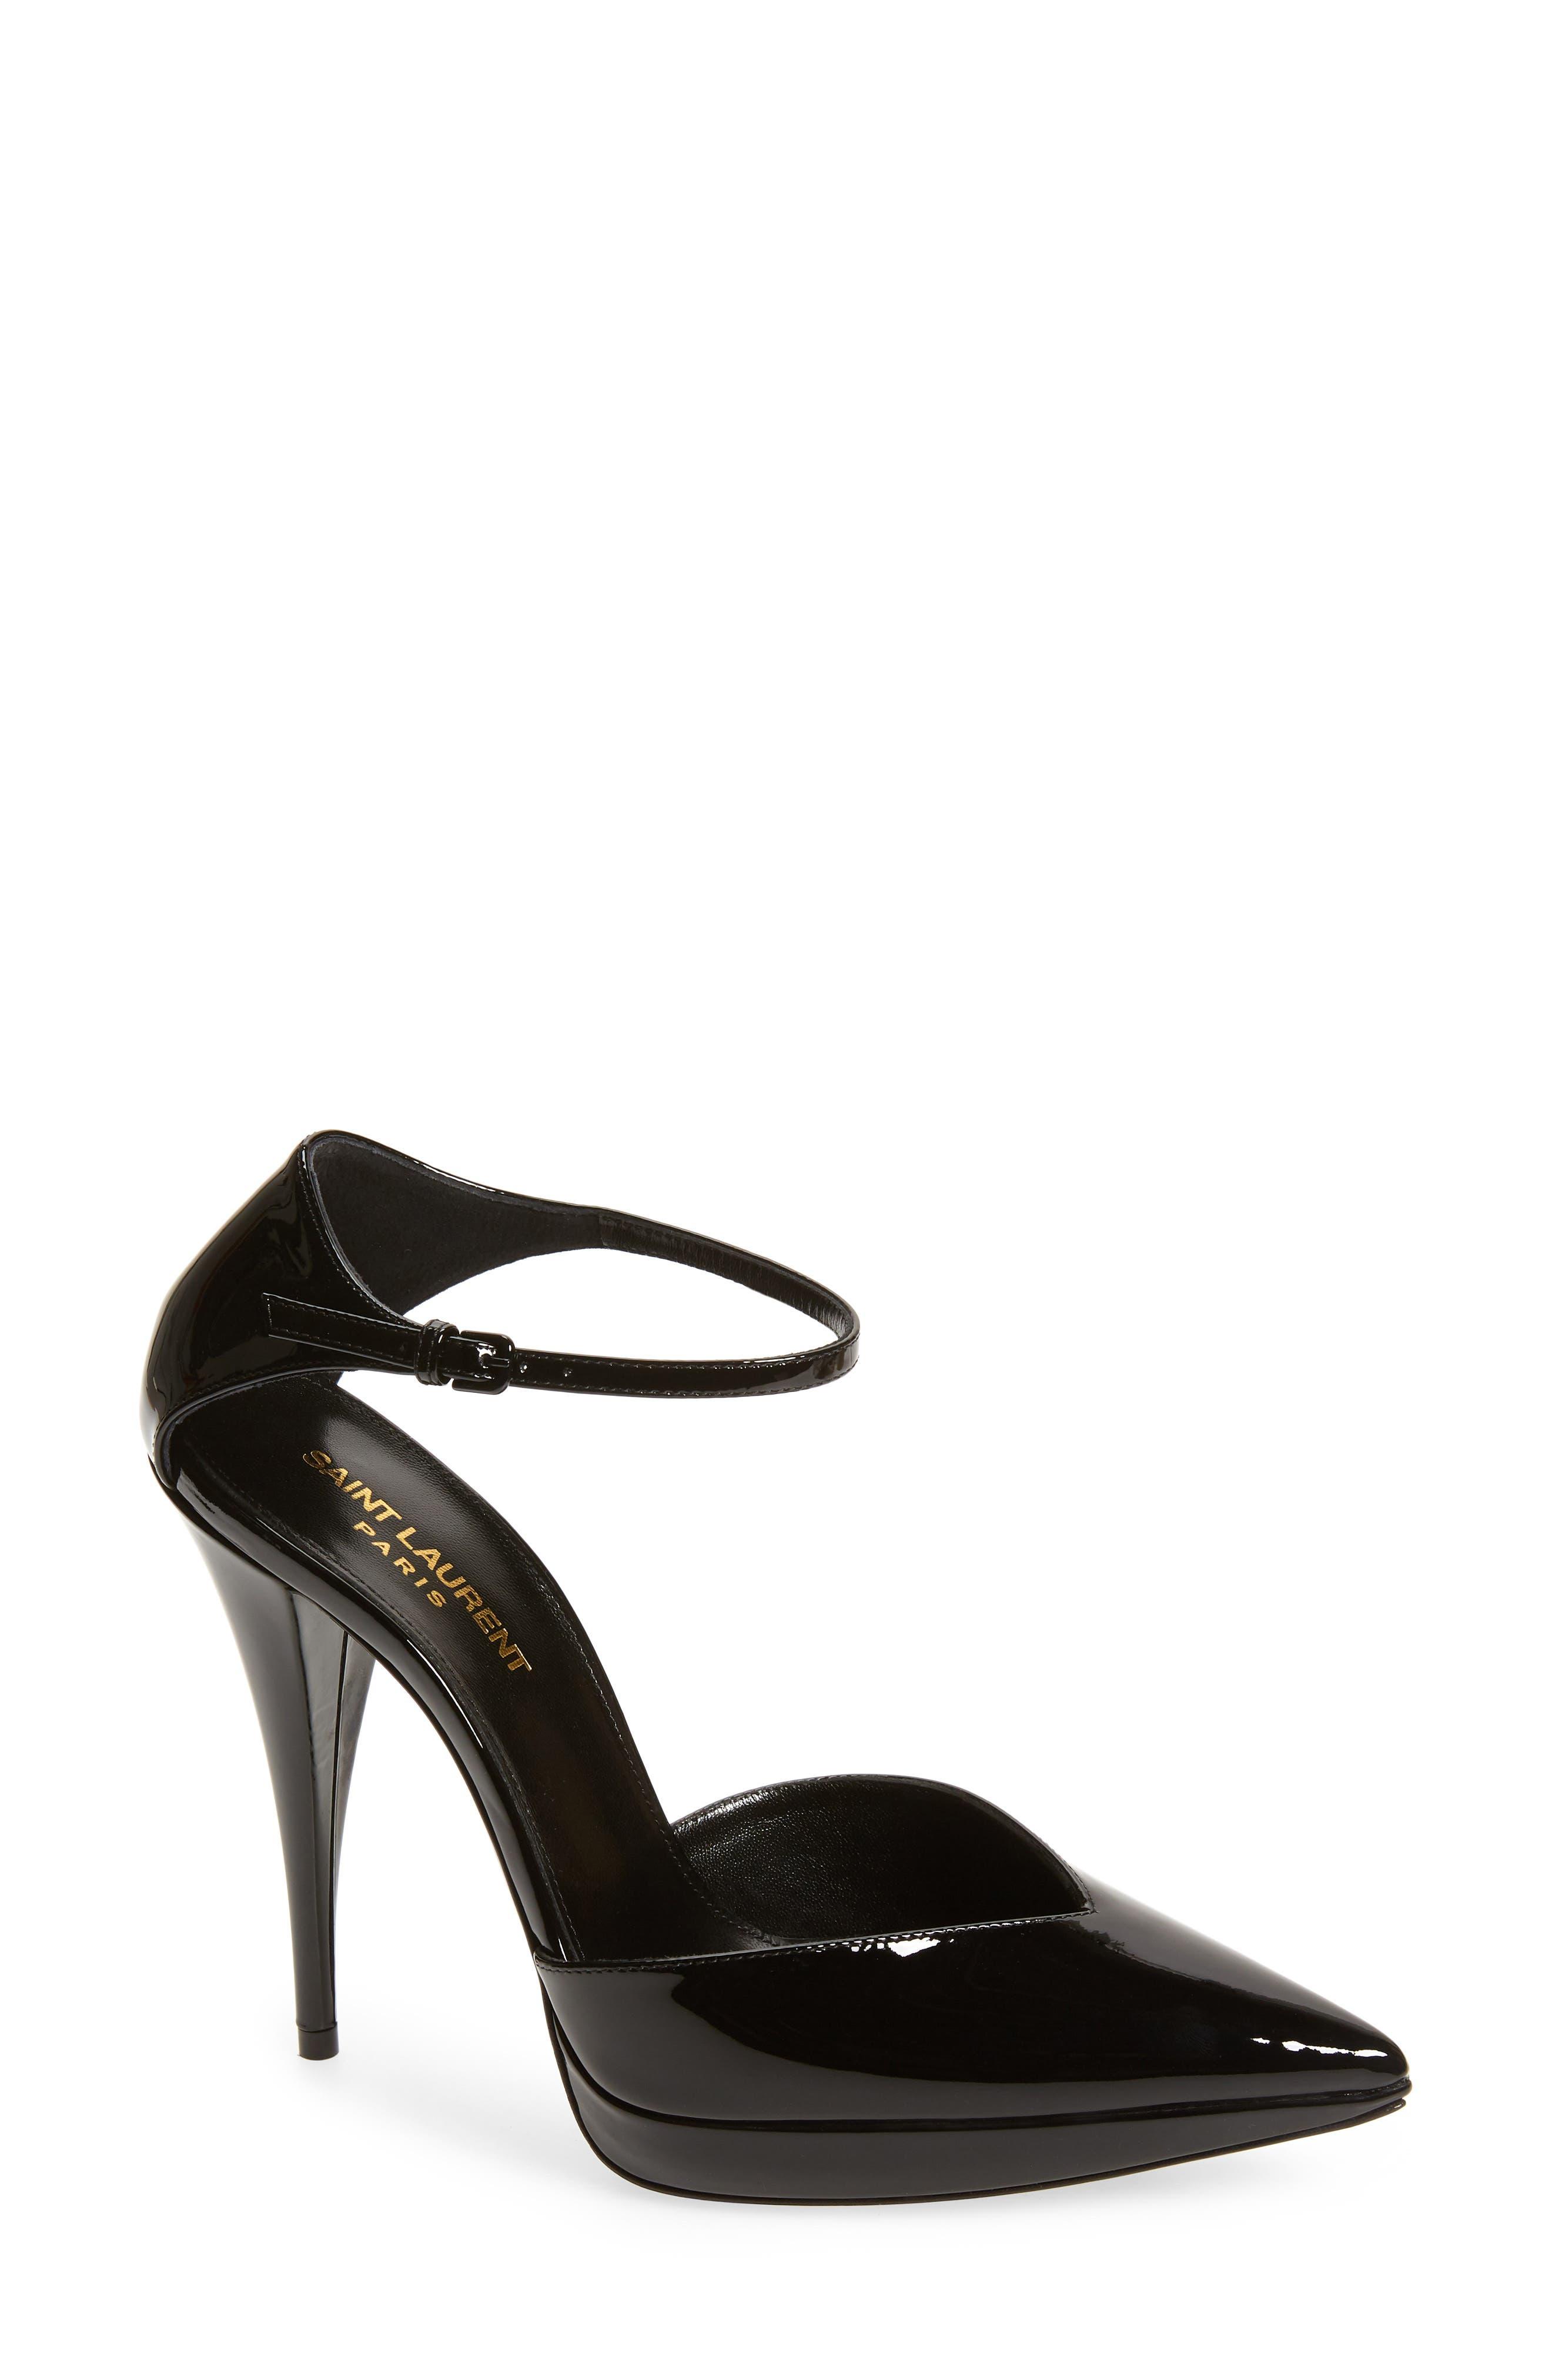 Women's Designer Shoes: Heels & Pumps | Nordstrom